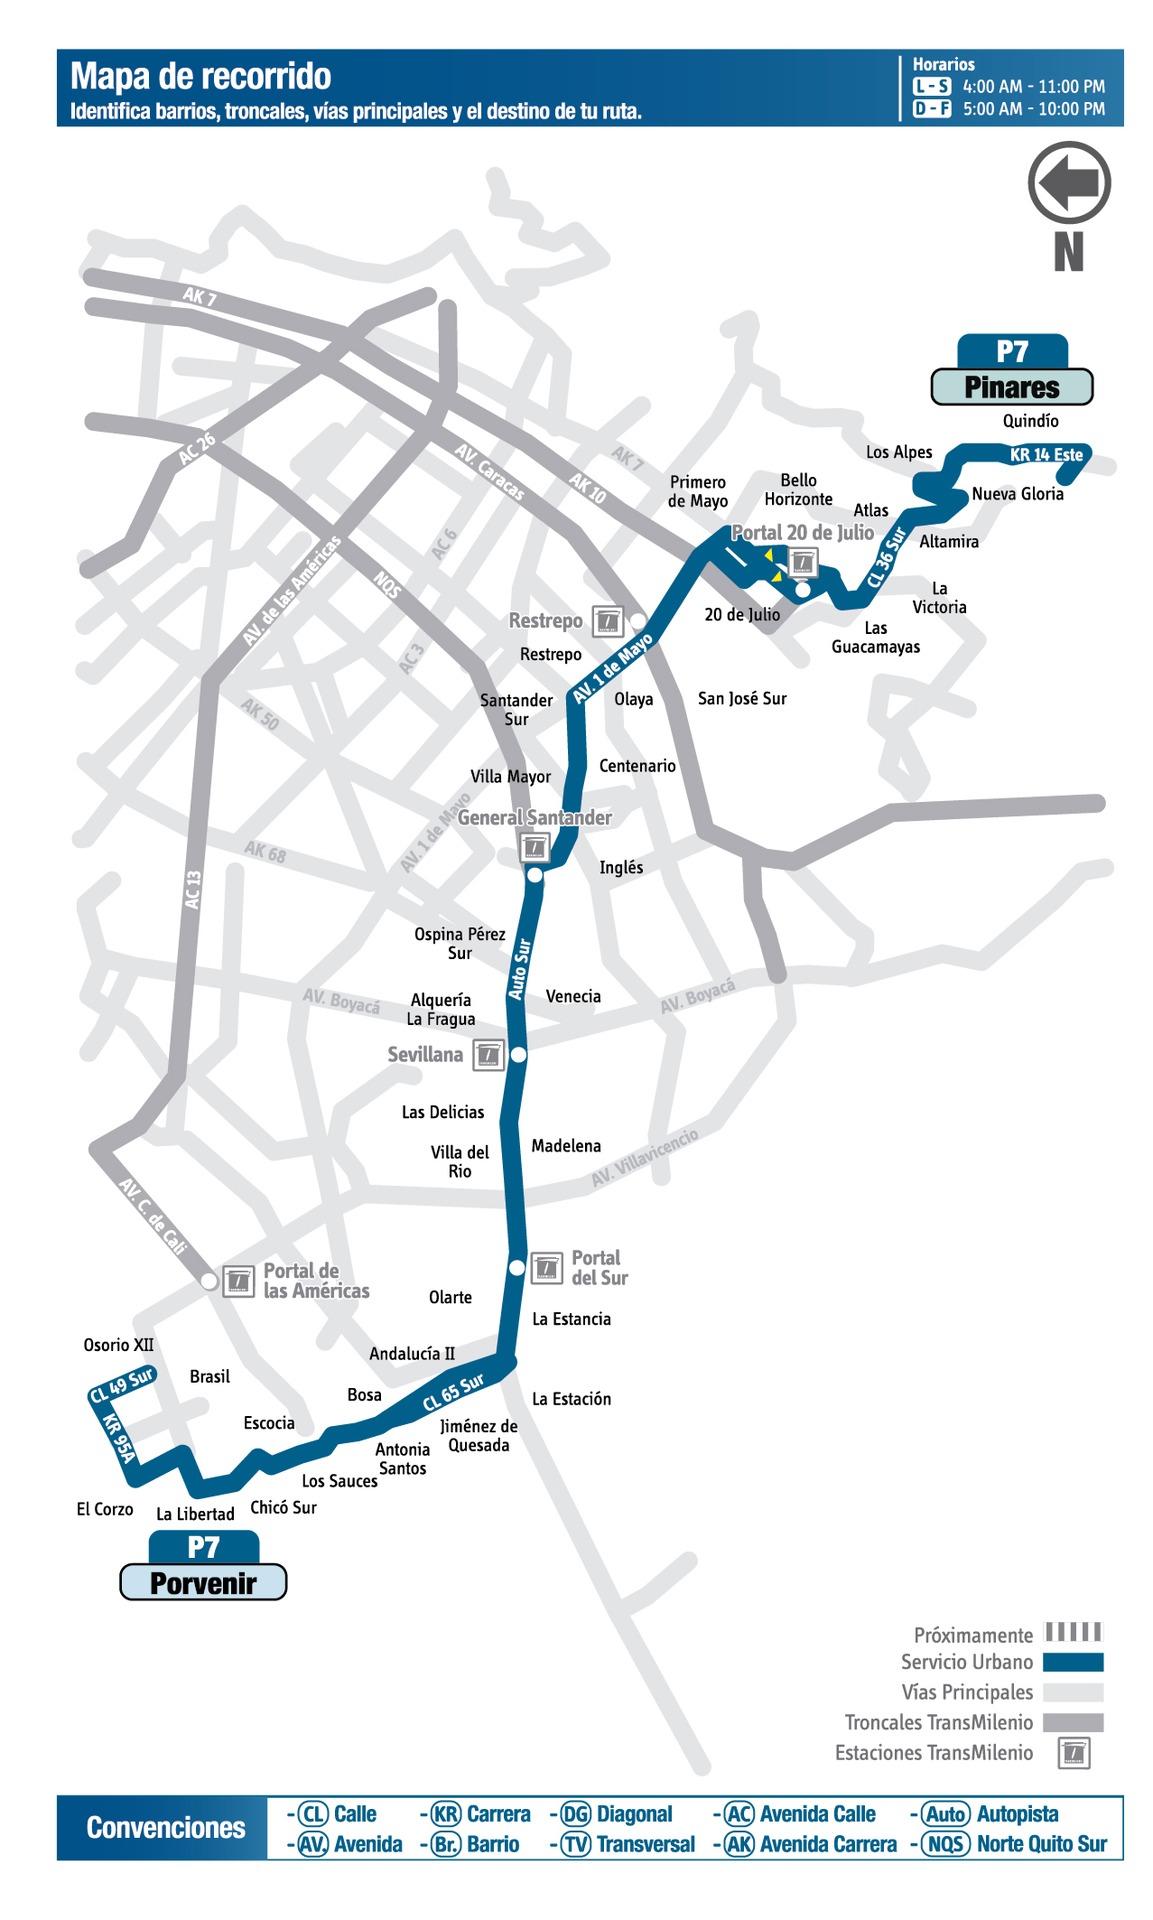 Ruta SITP: P7 Porvenir ↔ Pinares [Urbana] 1